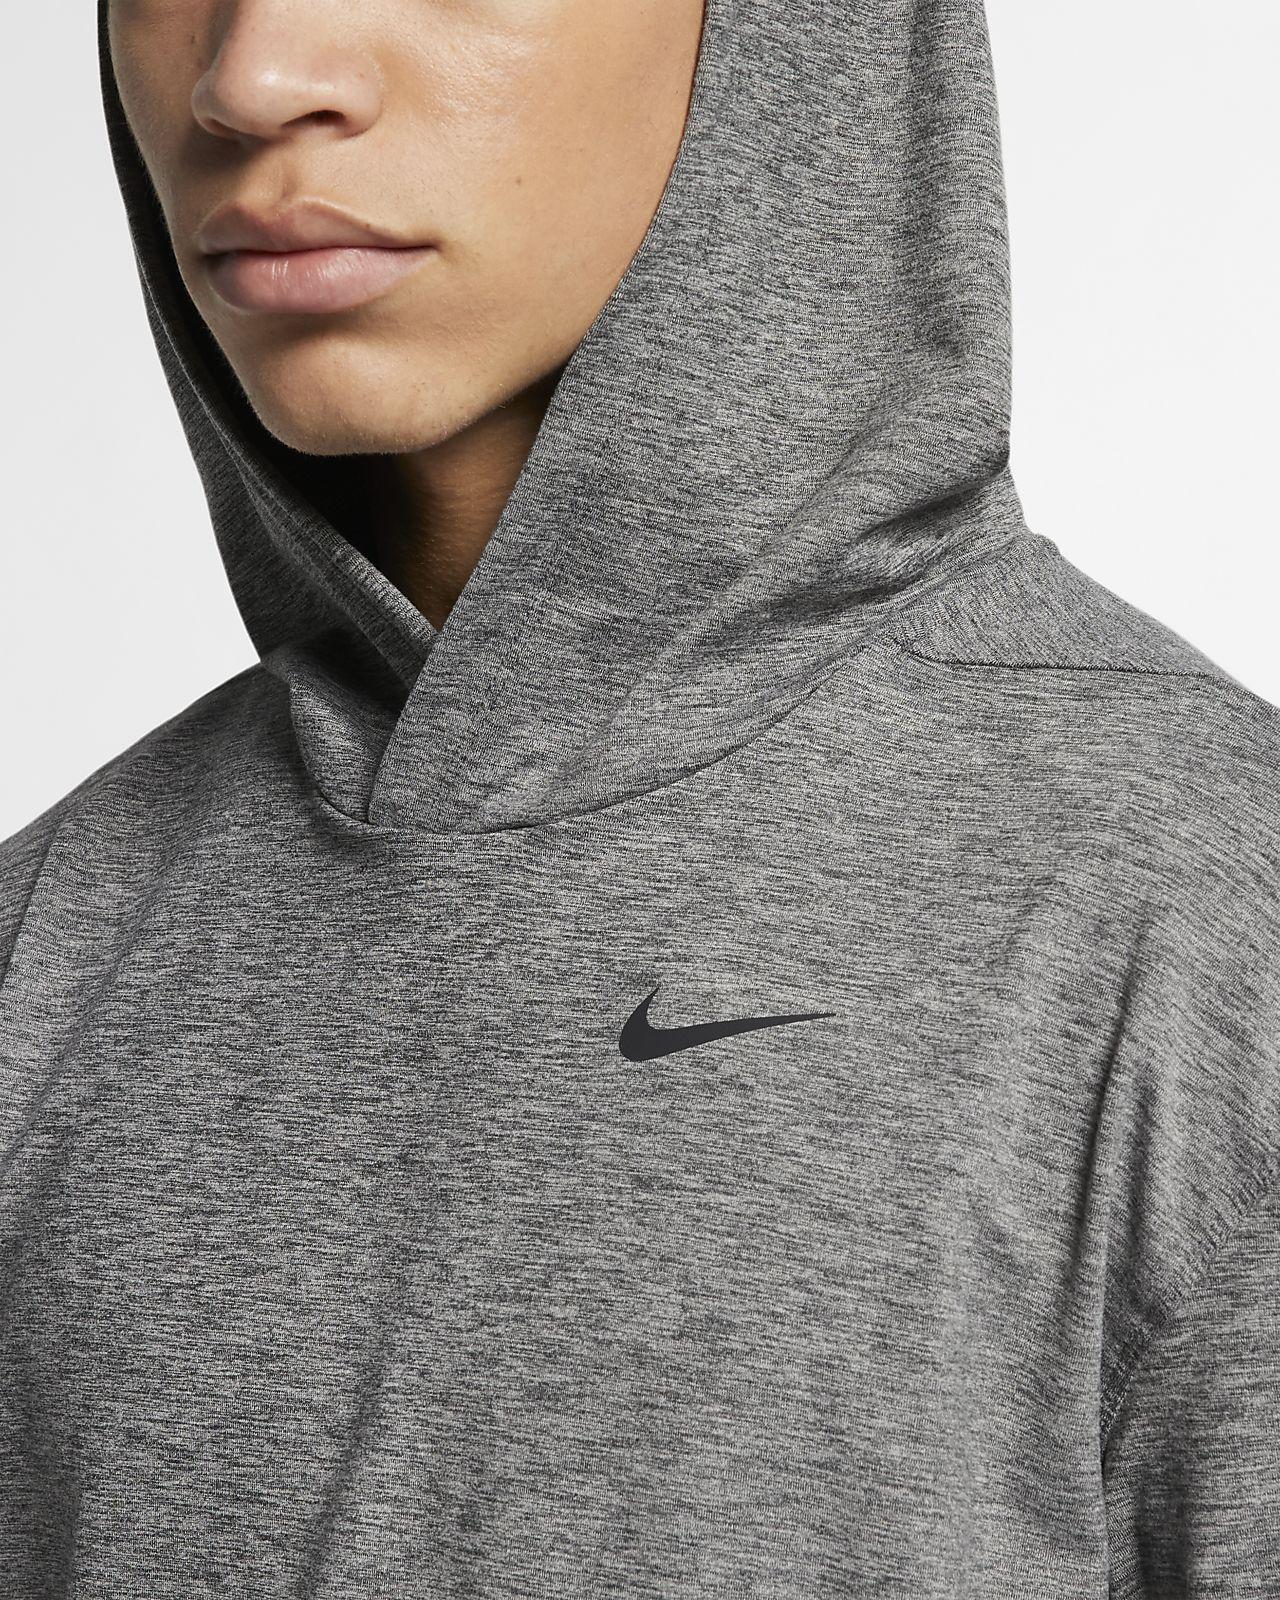 Nike Dri FIT langermet treningshettegenser for yoga til herre